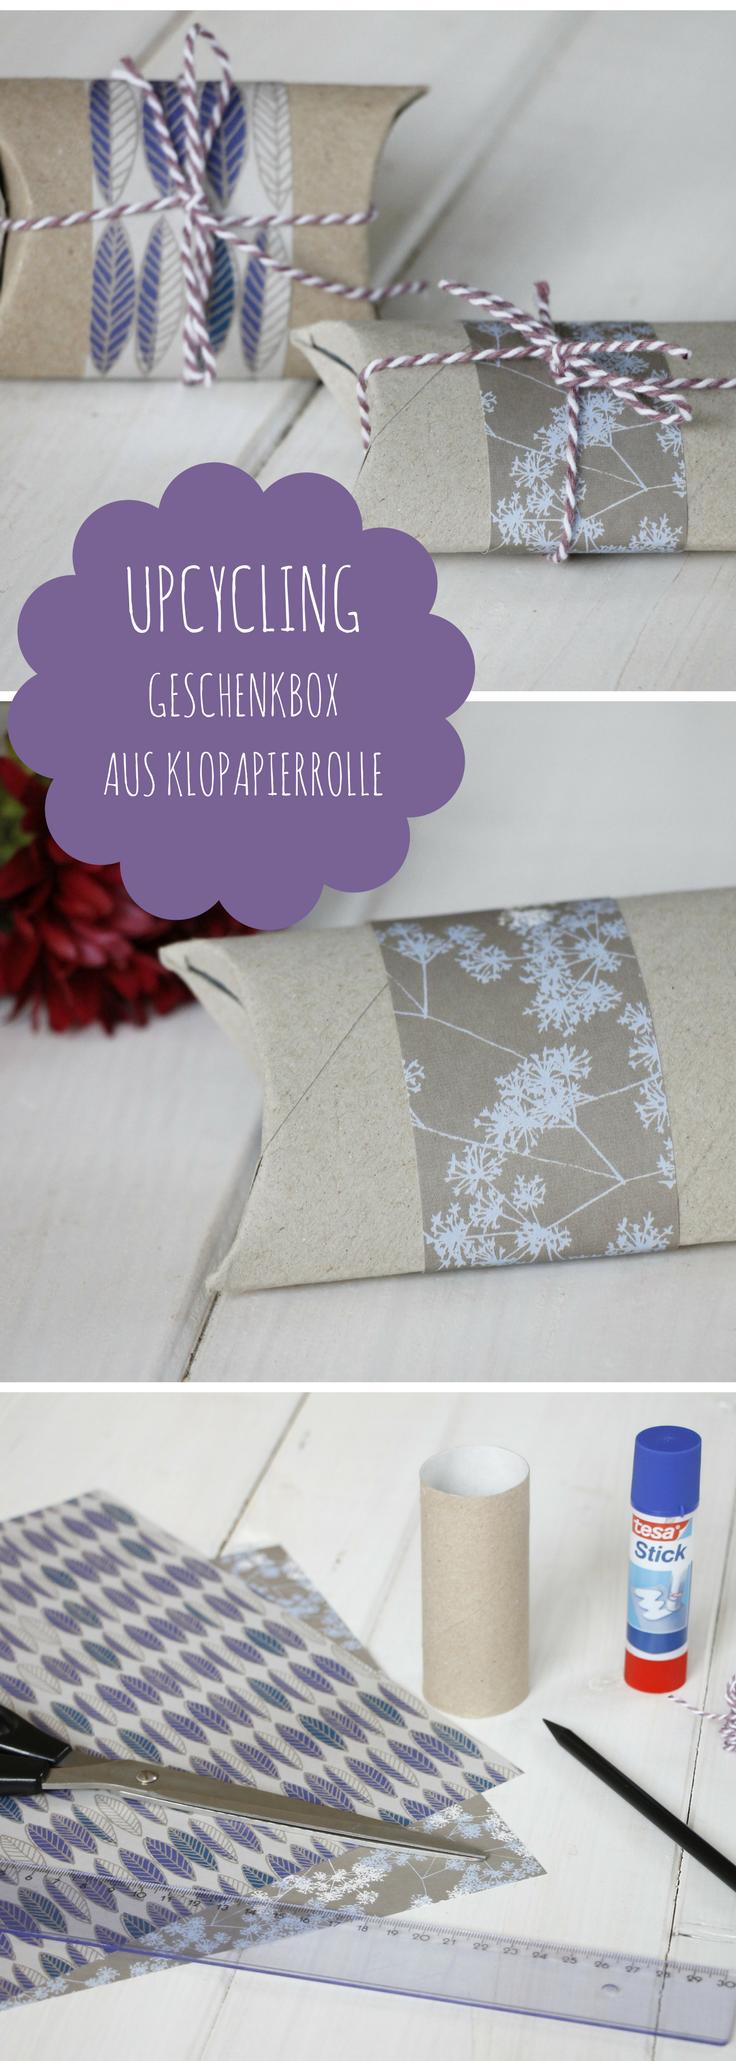 DIY: Kleine Geschenkverpackung aus Klopapierrolle basteln ...